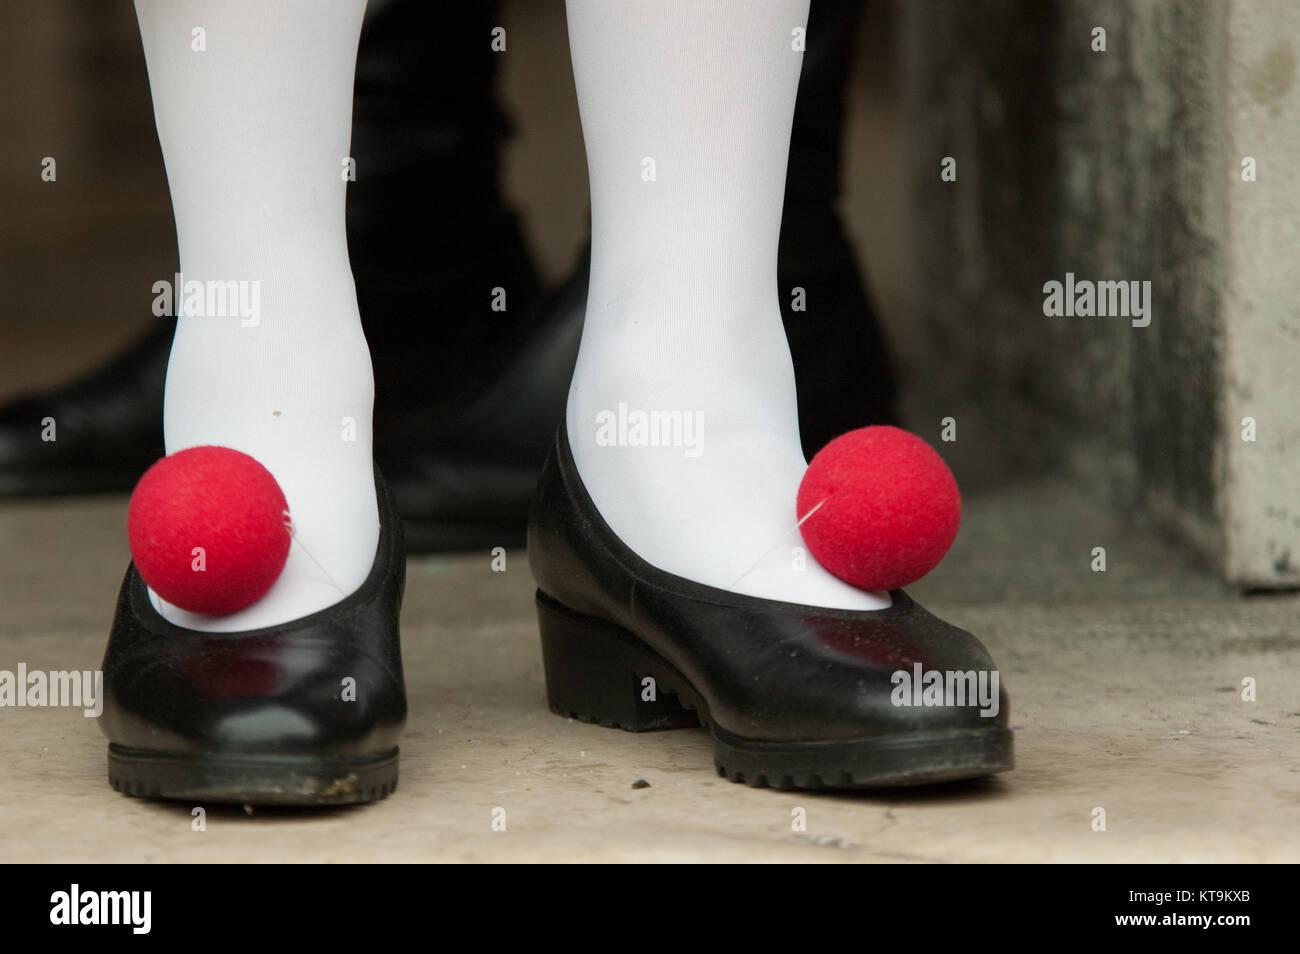 Reife Frau Tragen Lustige Schuhe Fur Karneval Venedig Italien